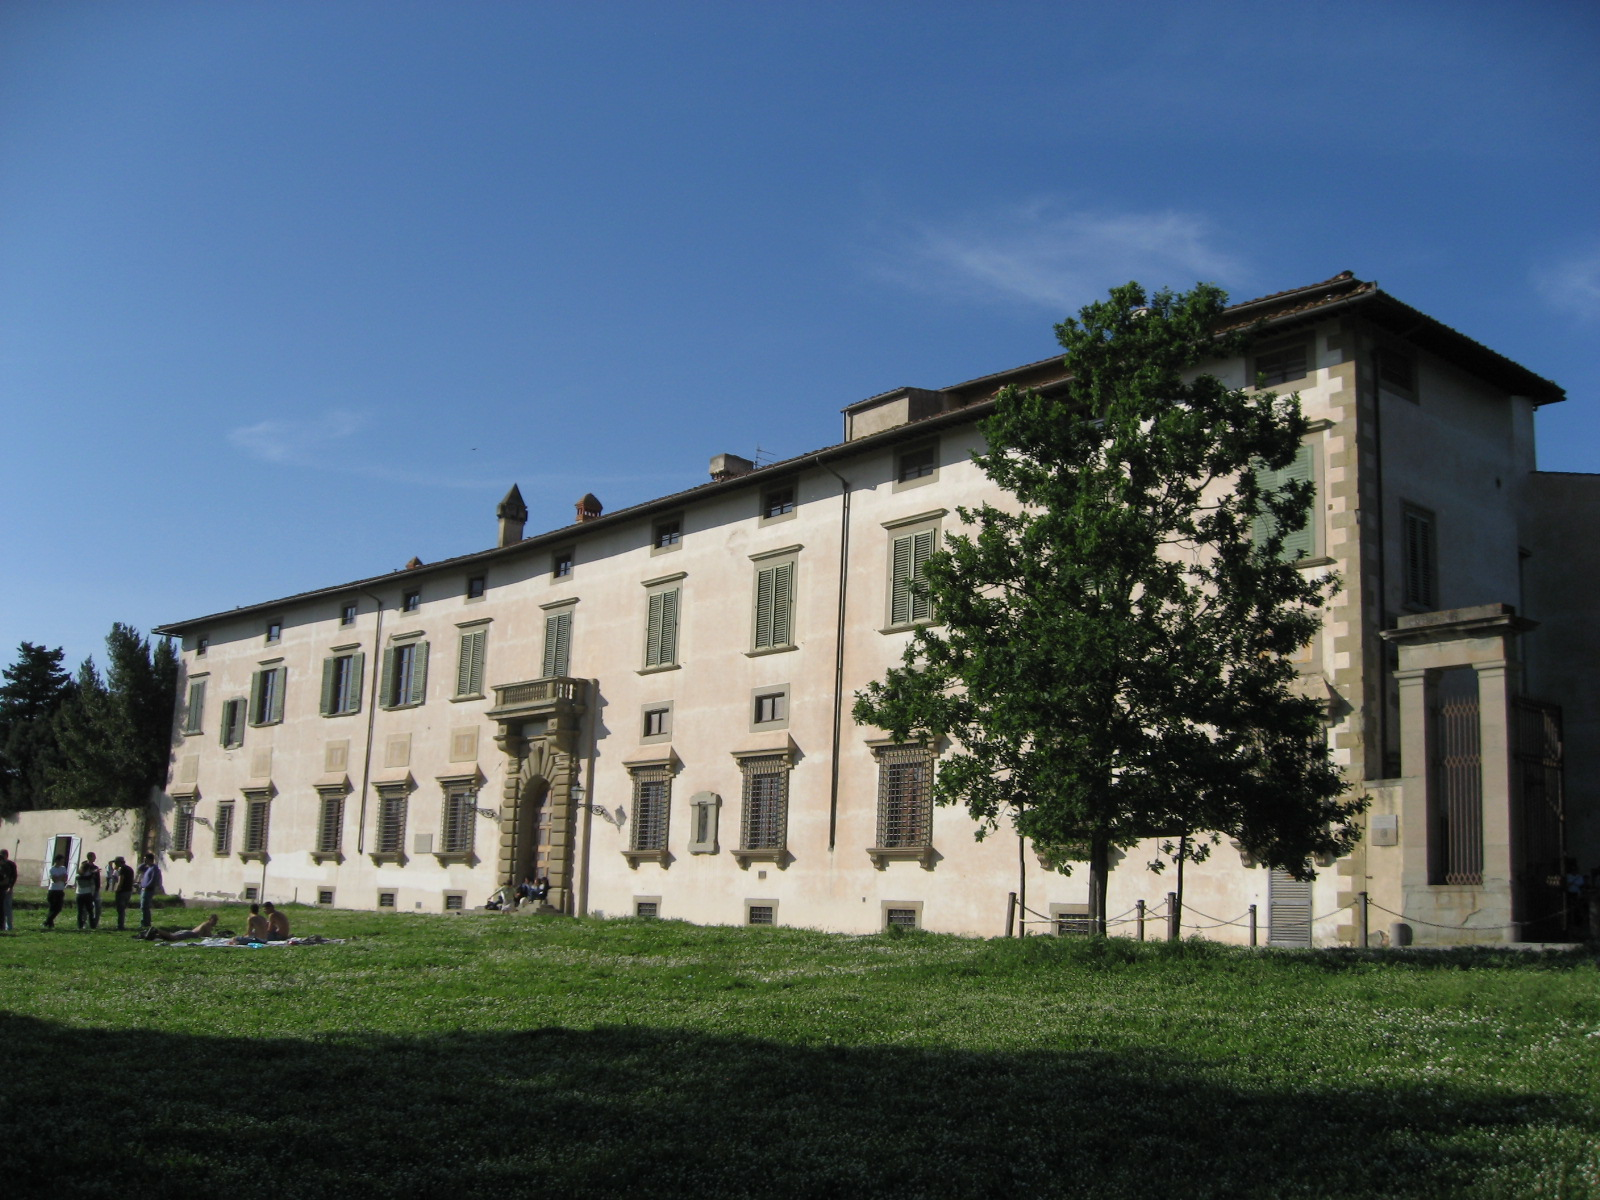 Villa_Castello_Florence_Apr_2008_(37)